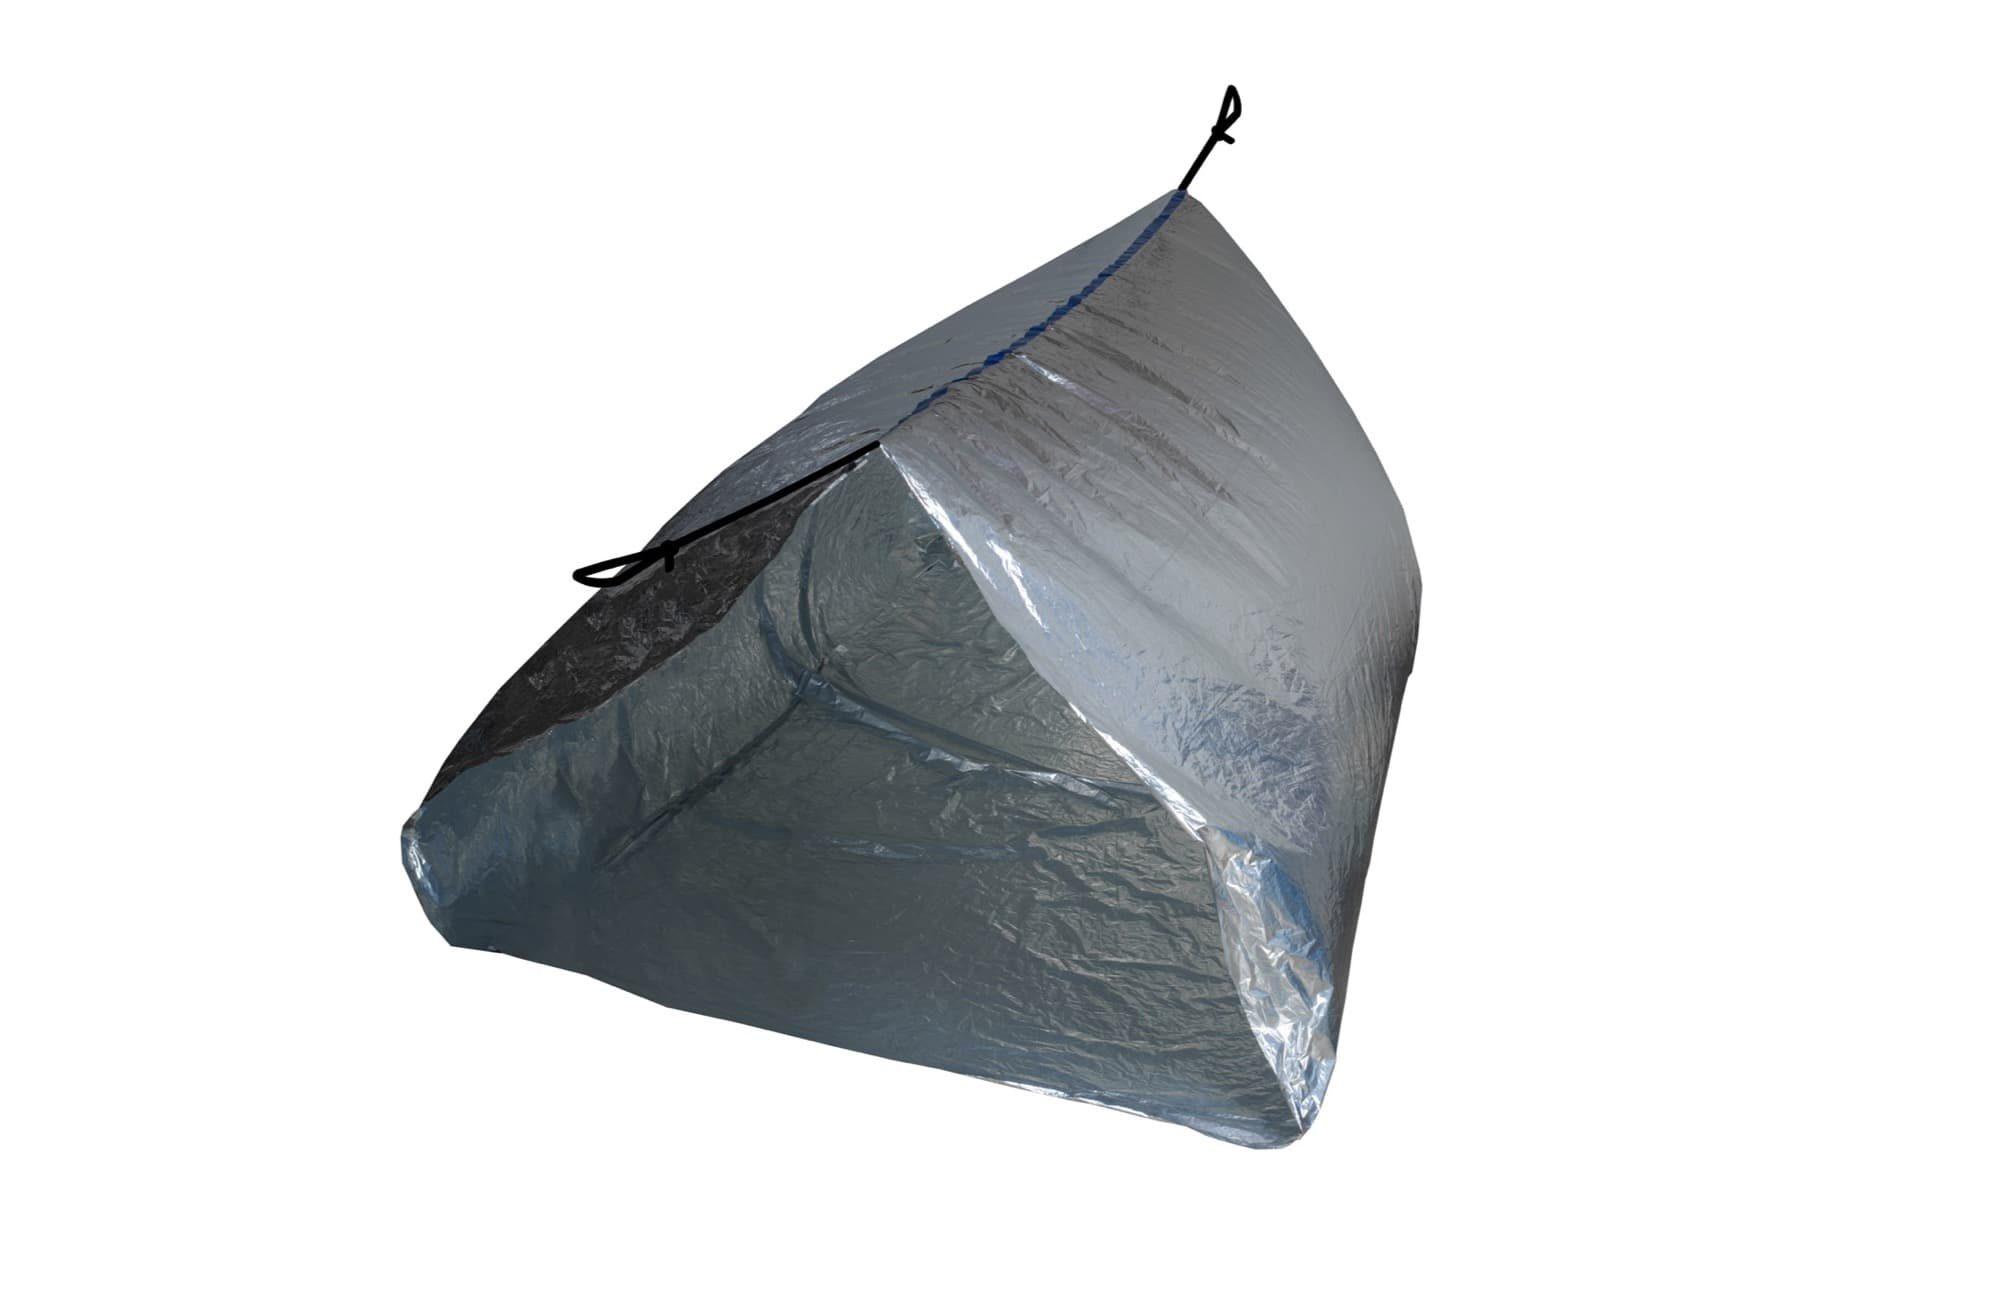 LACD_Notfallzelt_Emergency Tent